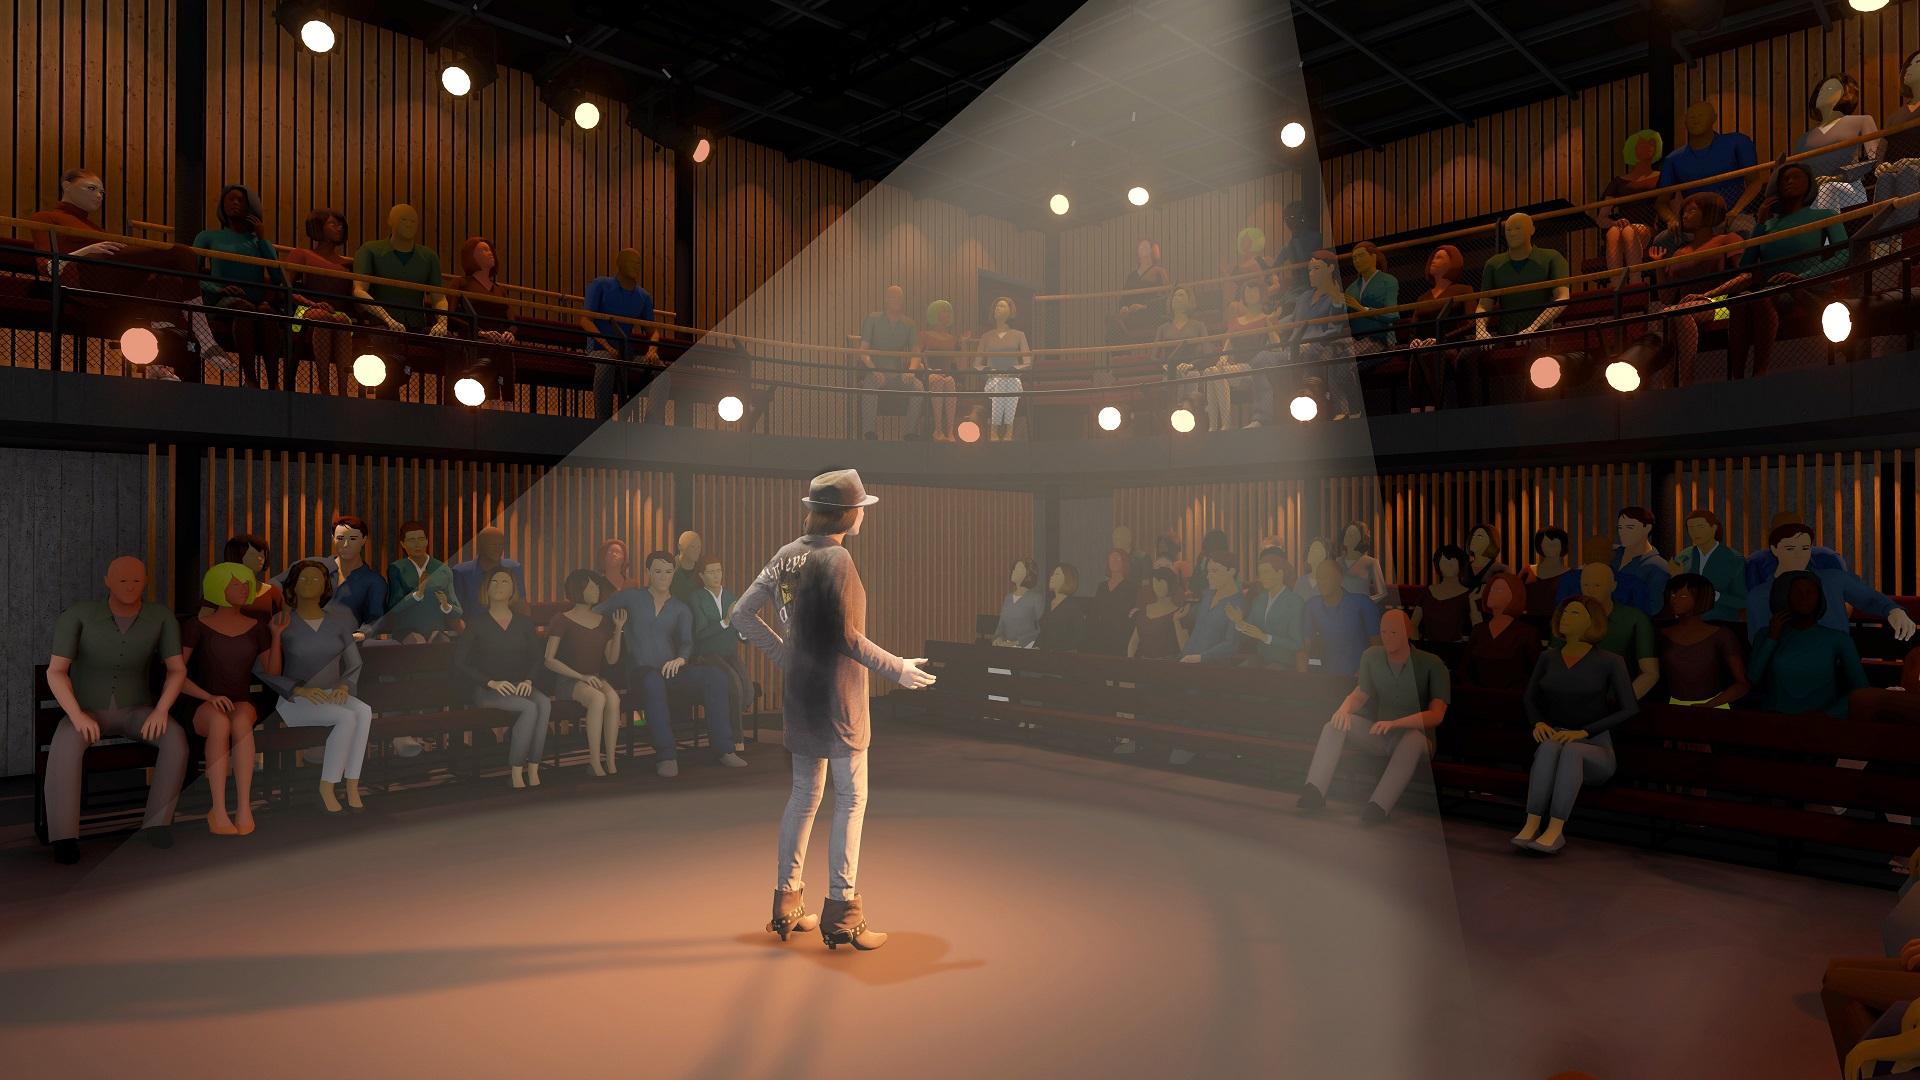 Court Theatre studio theatre - preliminary design